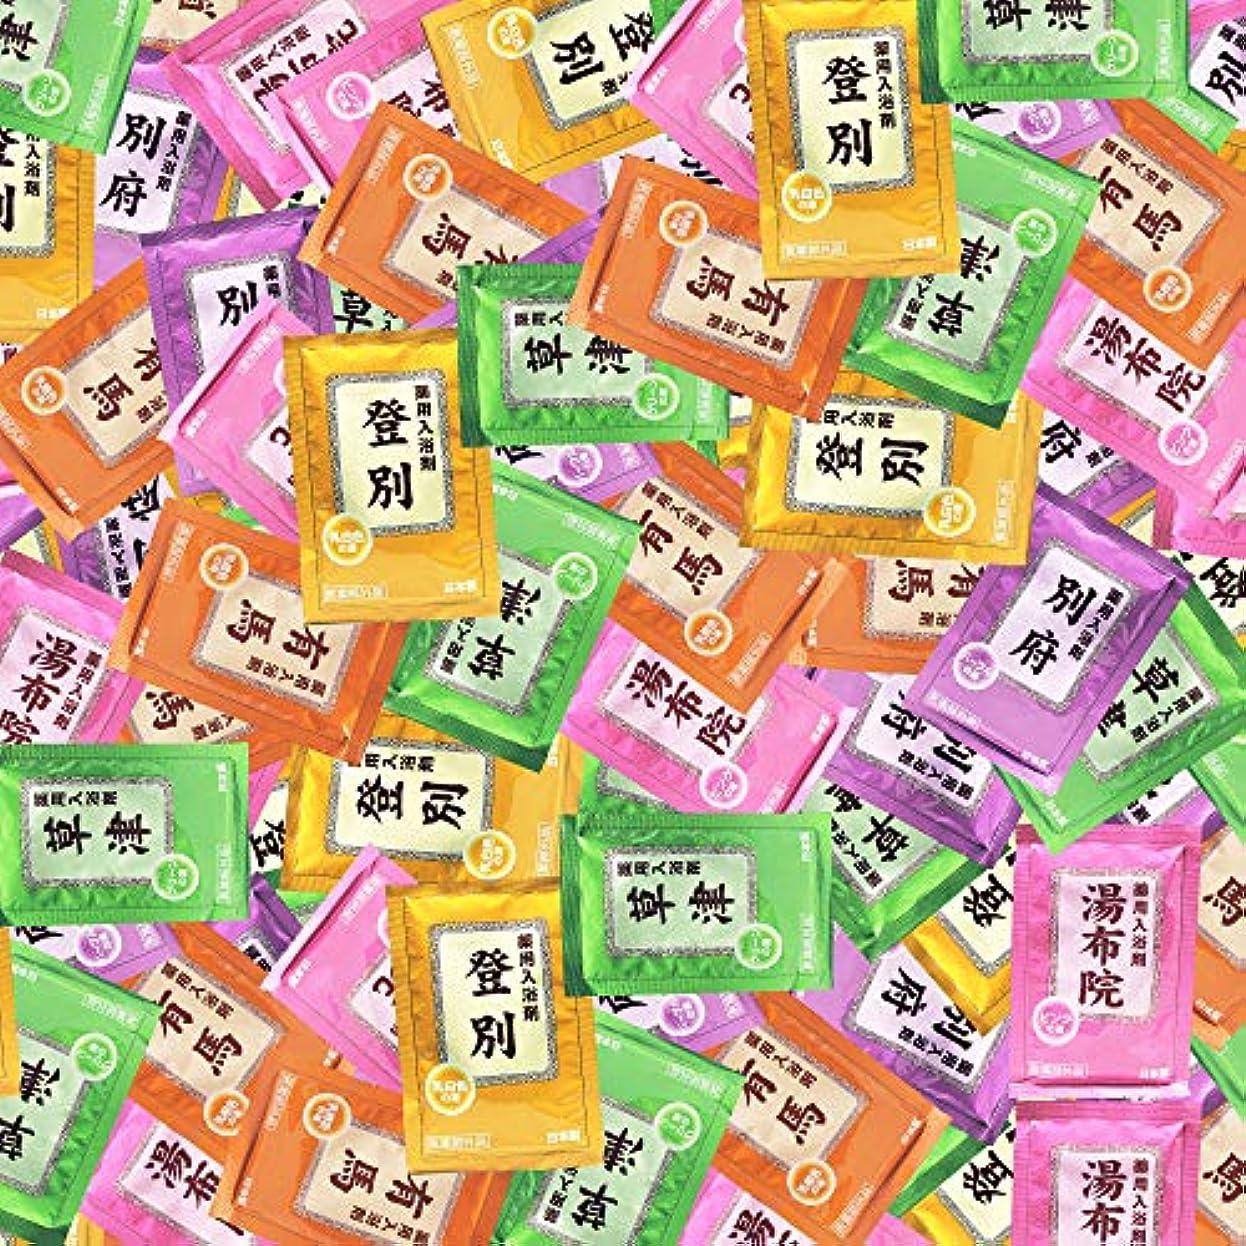 特定のスリム脅迫入浴剤 ギフト プレゼント 湯宿めぐり 5種類 (200袋)セット